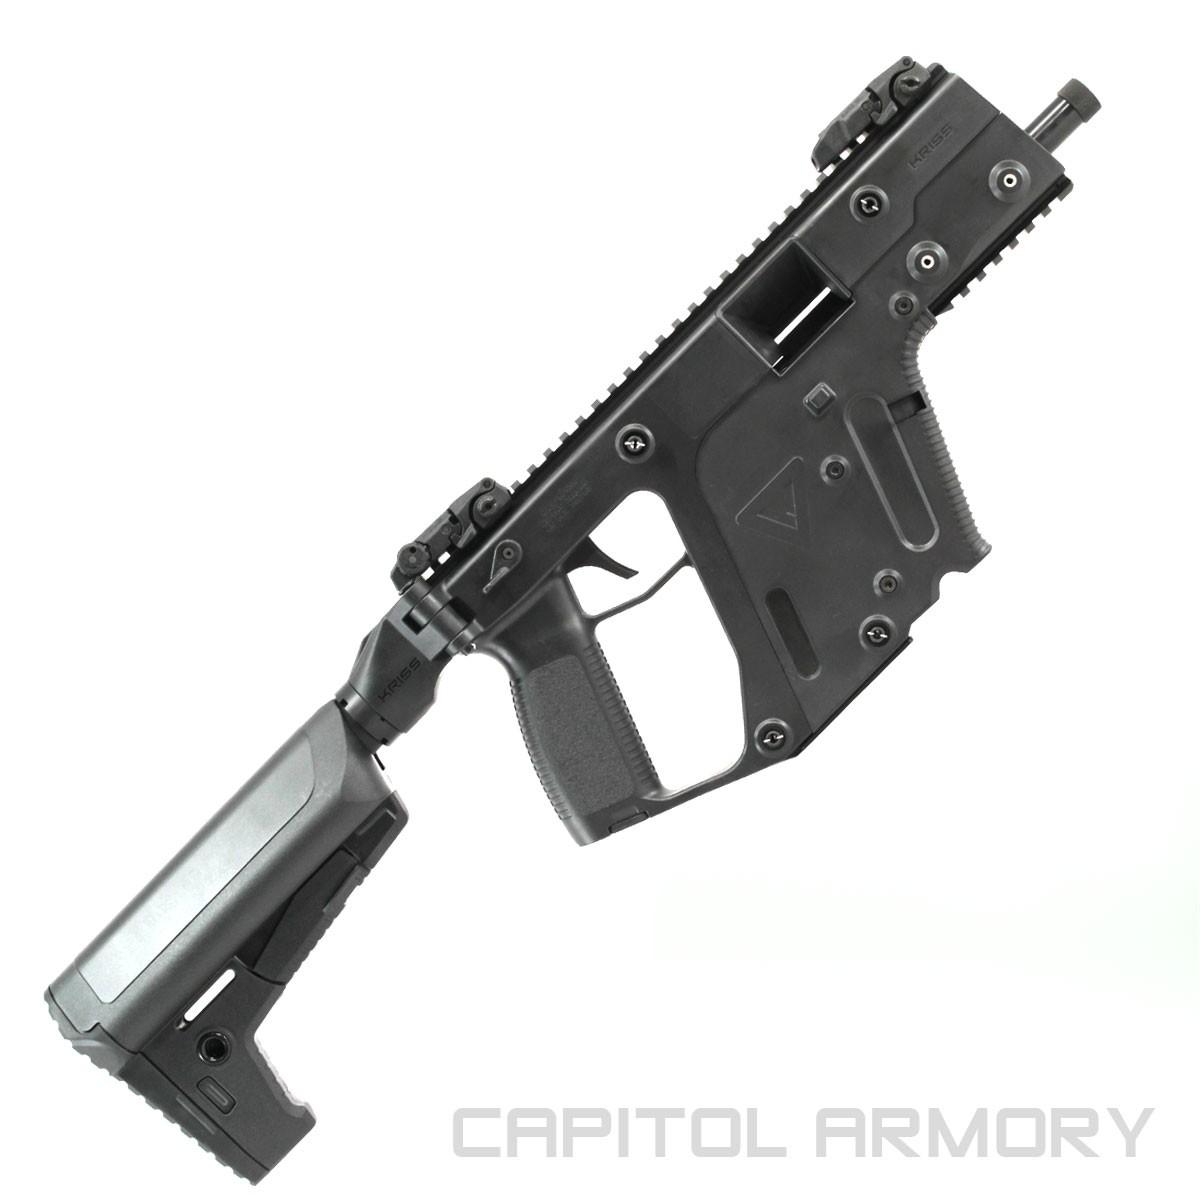 KRISS Vector Gen II SBR  45 ACP - Capitol Armory